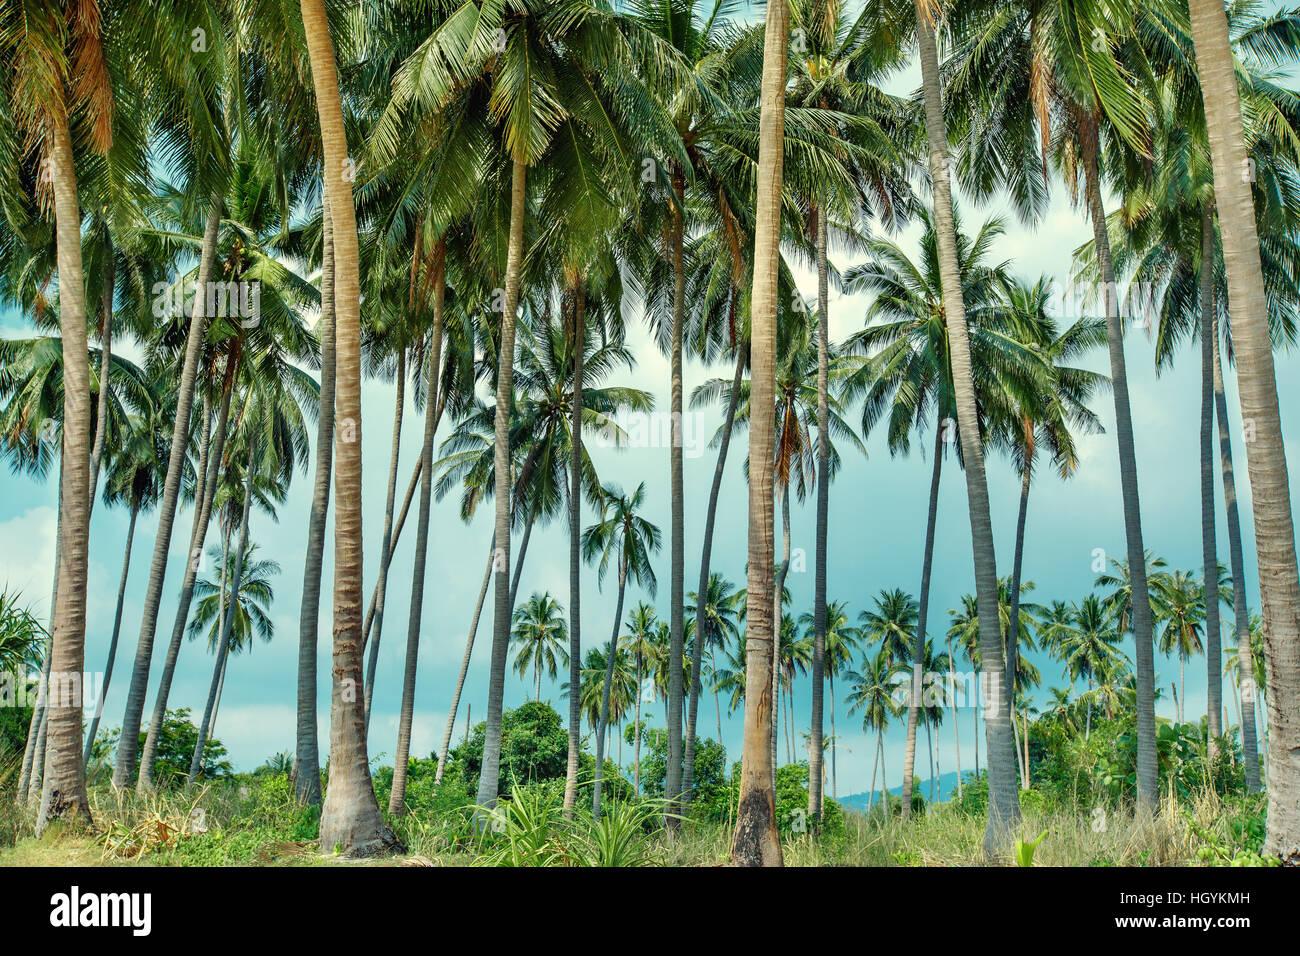 Des cocotiers sur la plage tropicale de Koh Samui, Thaïlande Photo Stock